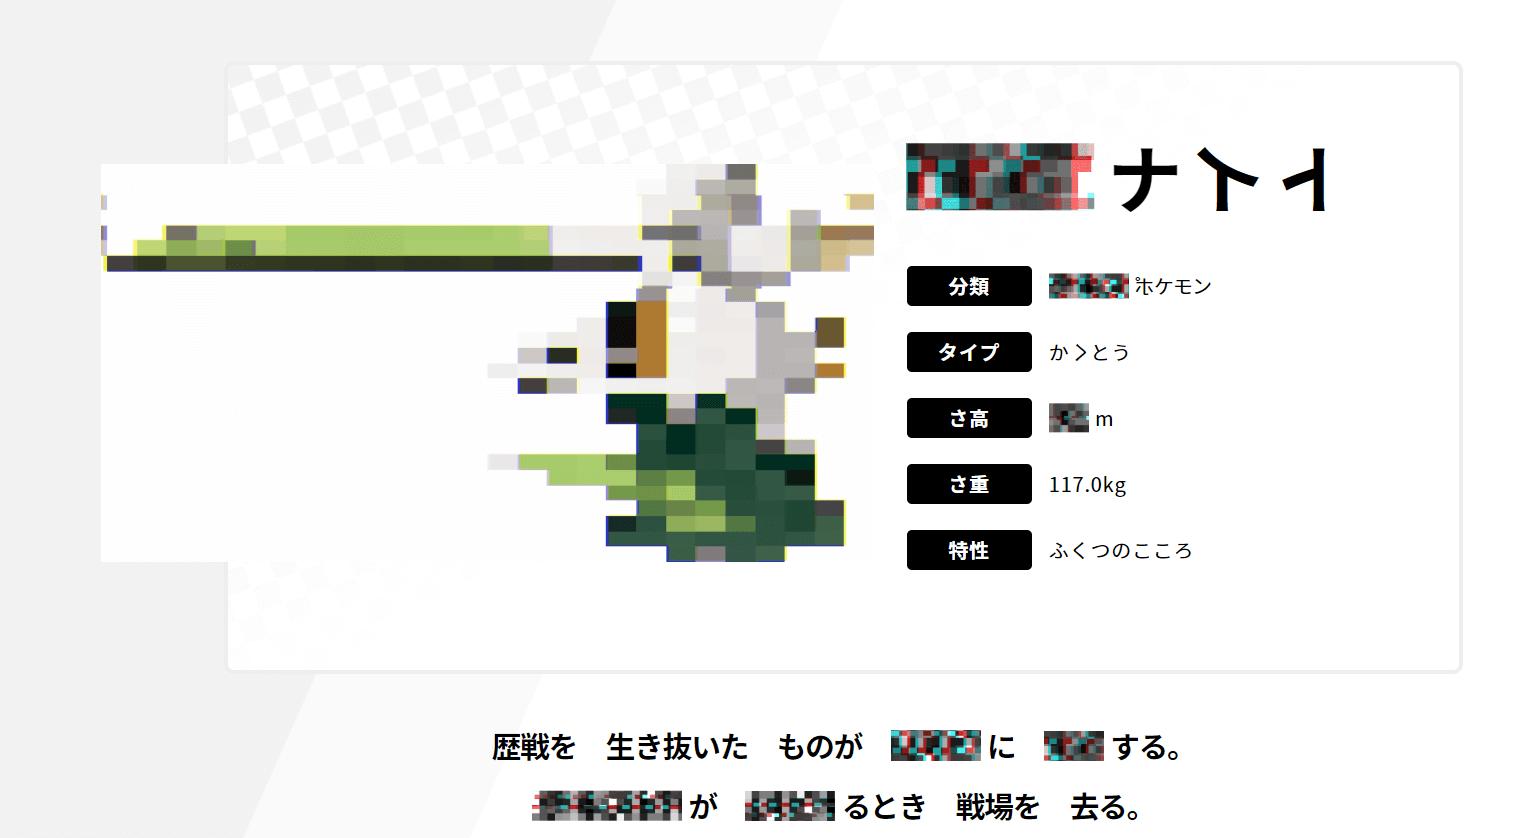 ポケモン ソードシールド 新ポケモン バグ けつばん